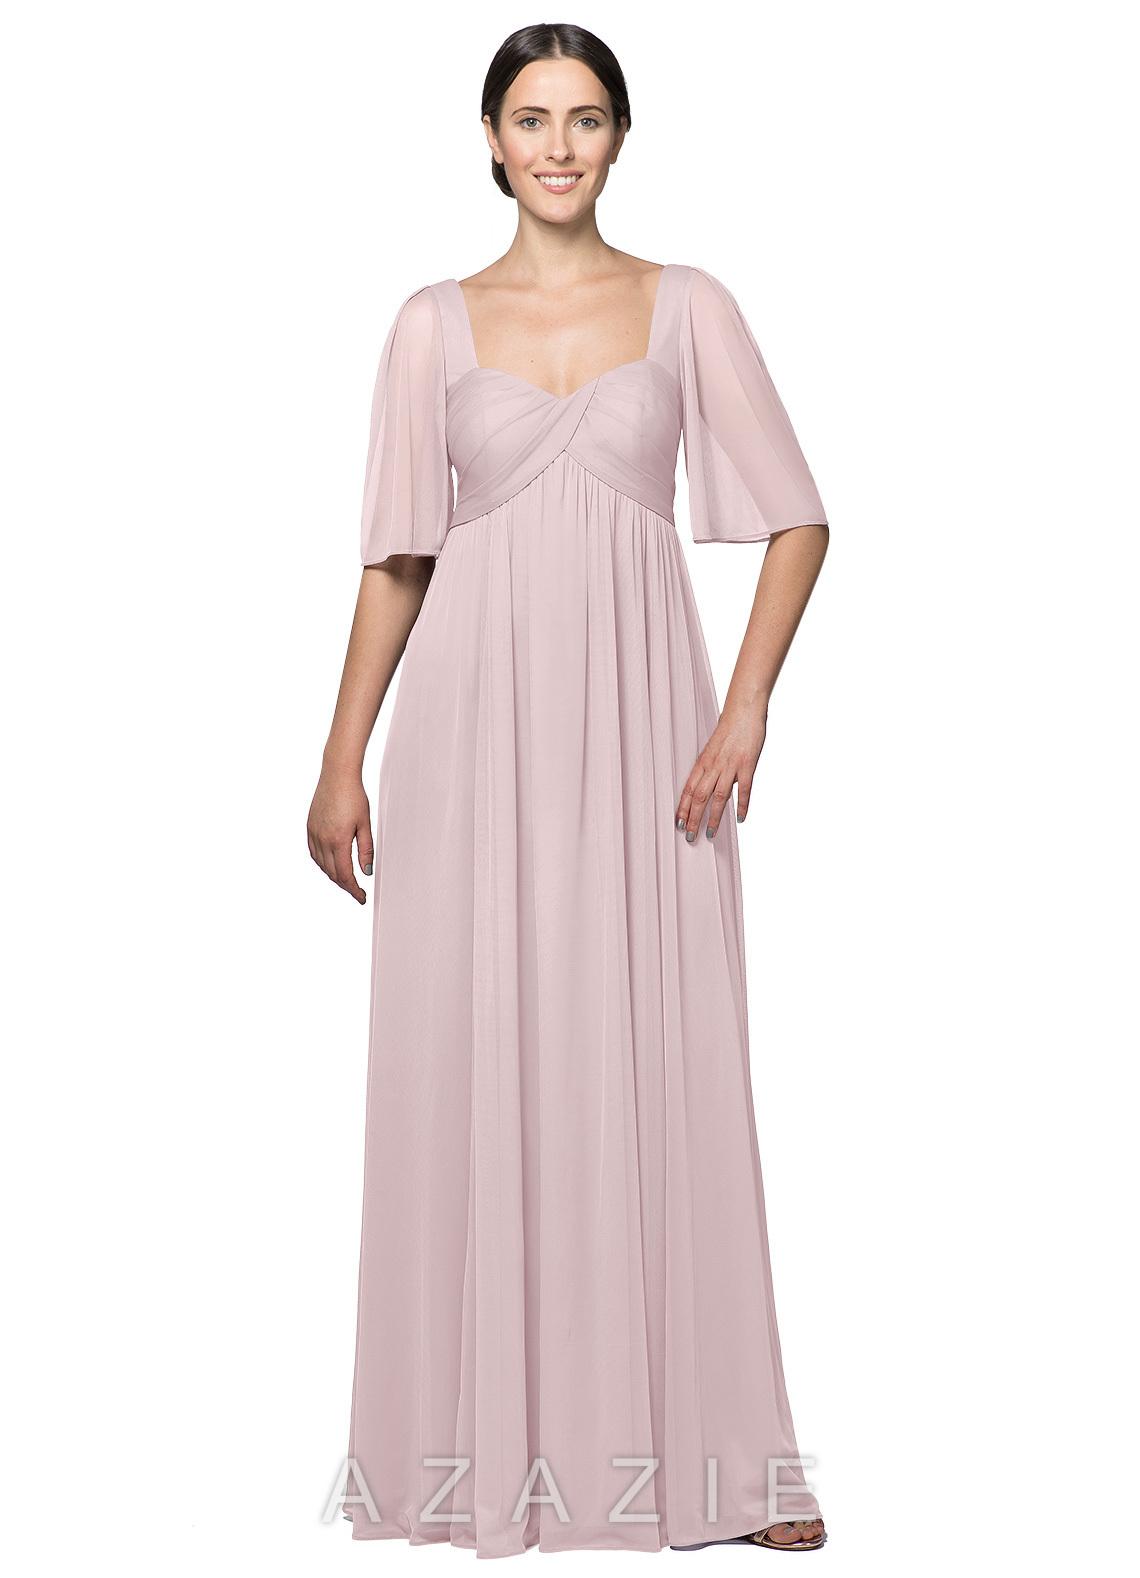 127bcc1b8f1 Azazie Carling Bridesmaid Dress